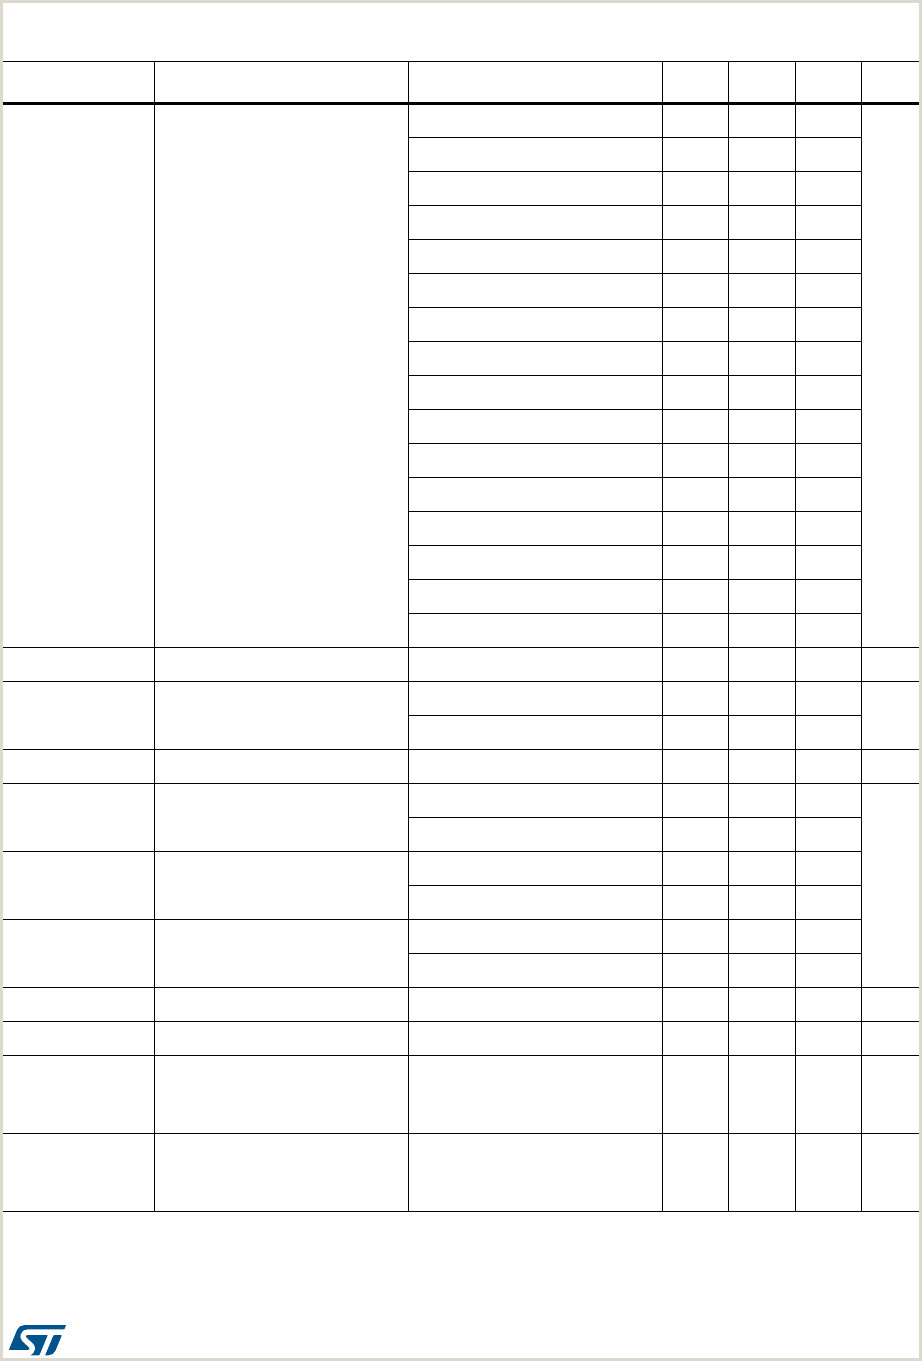 Eras Cover Letter Stm32f469xx Datasheet Stmicroelectronics